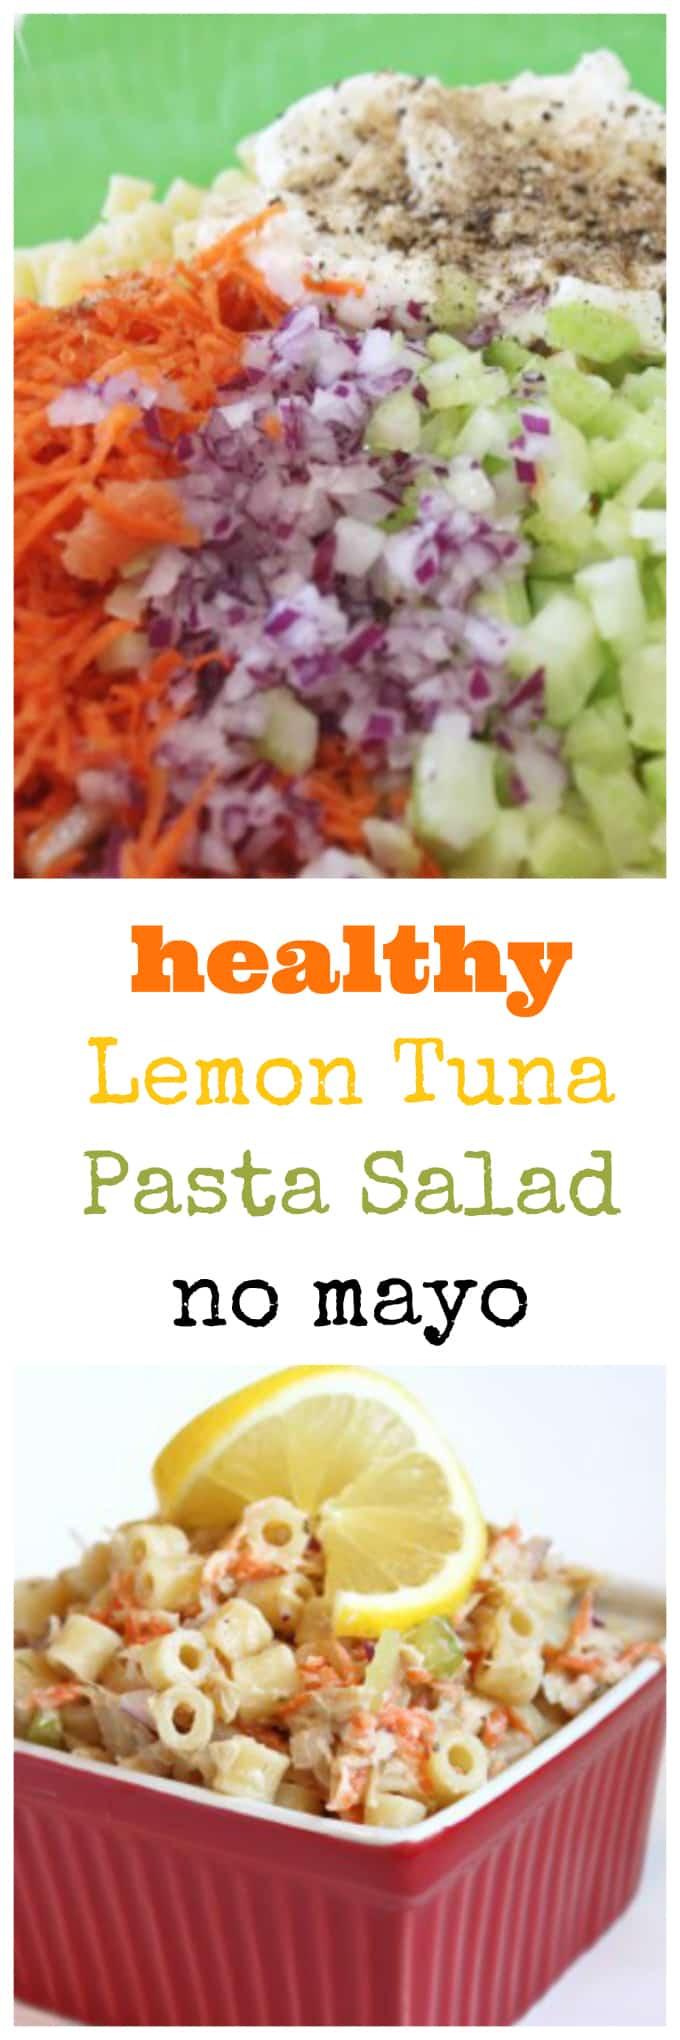 lemon tuna pasta salad with no mayo